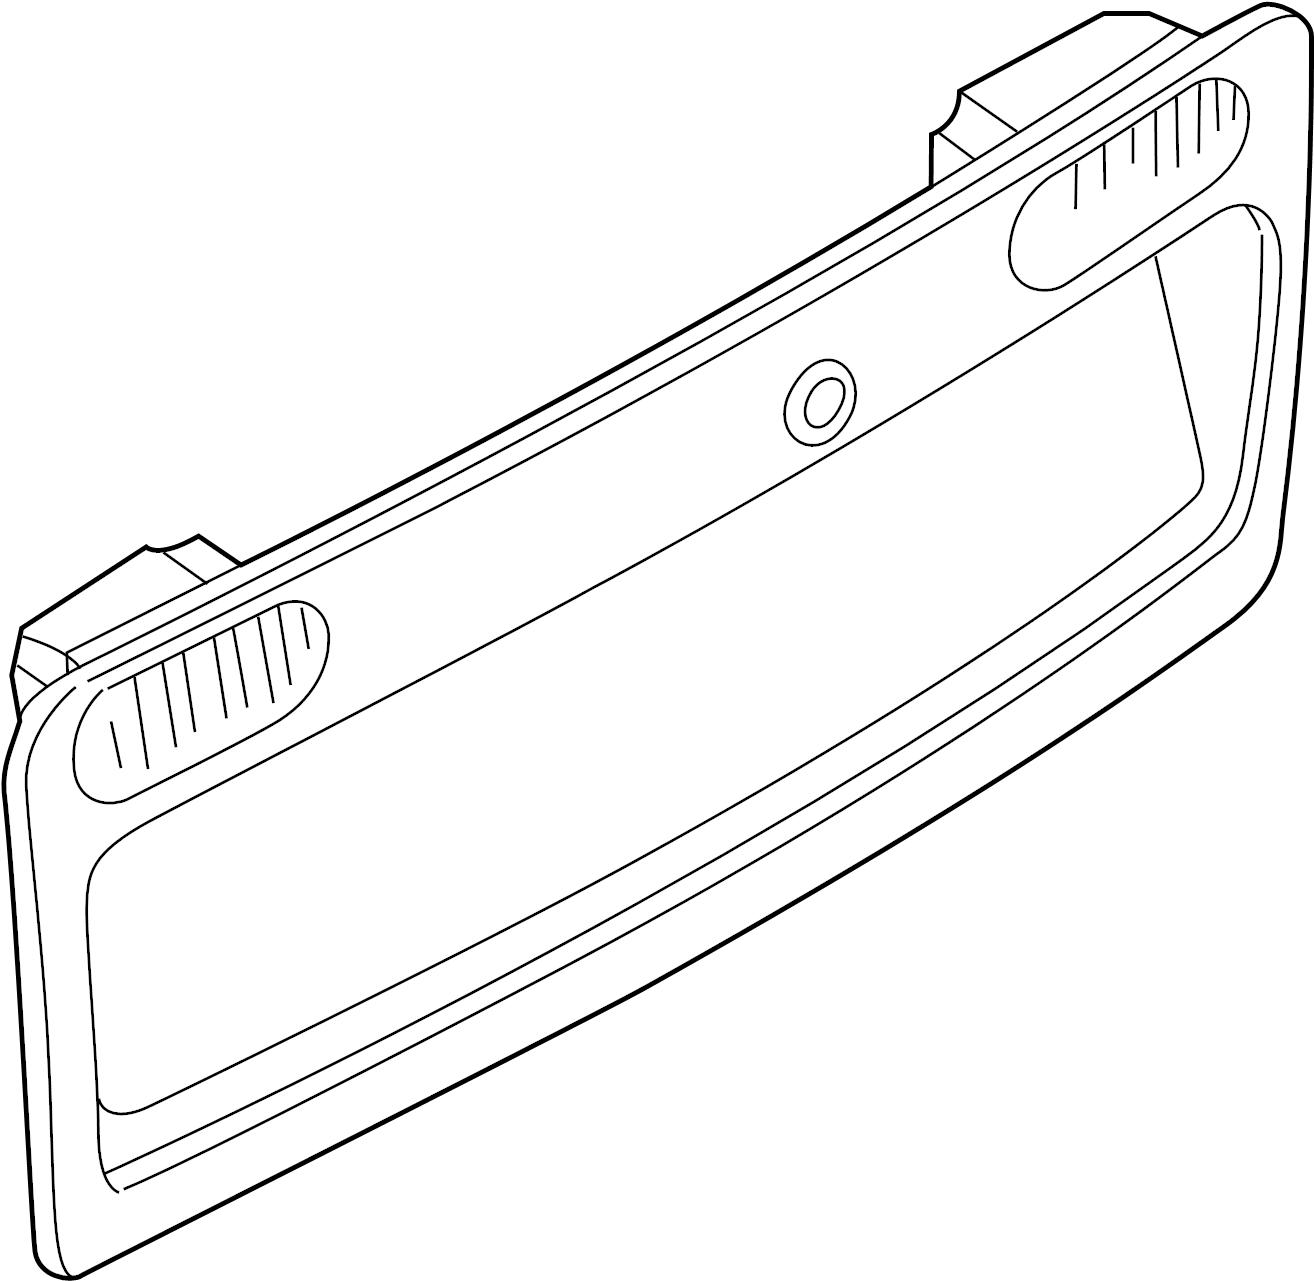 4b P01c